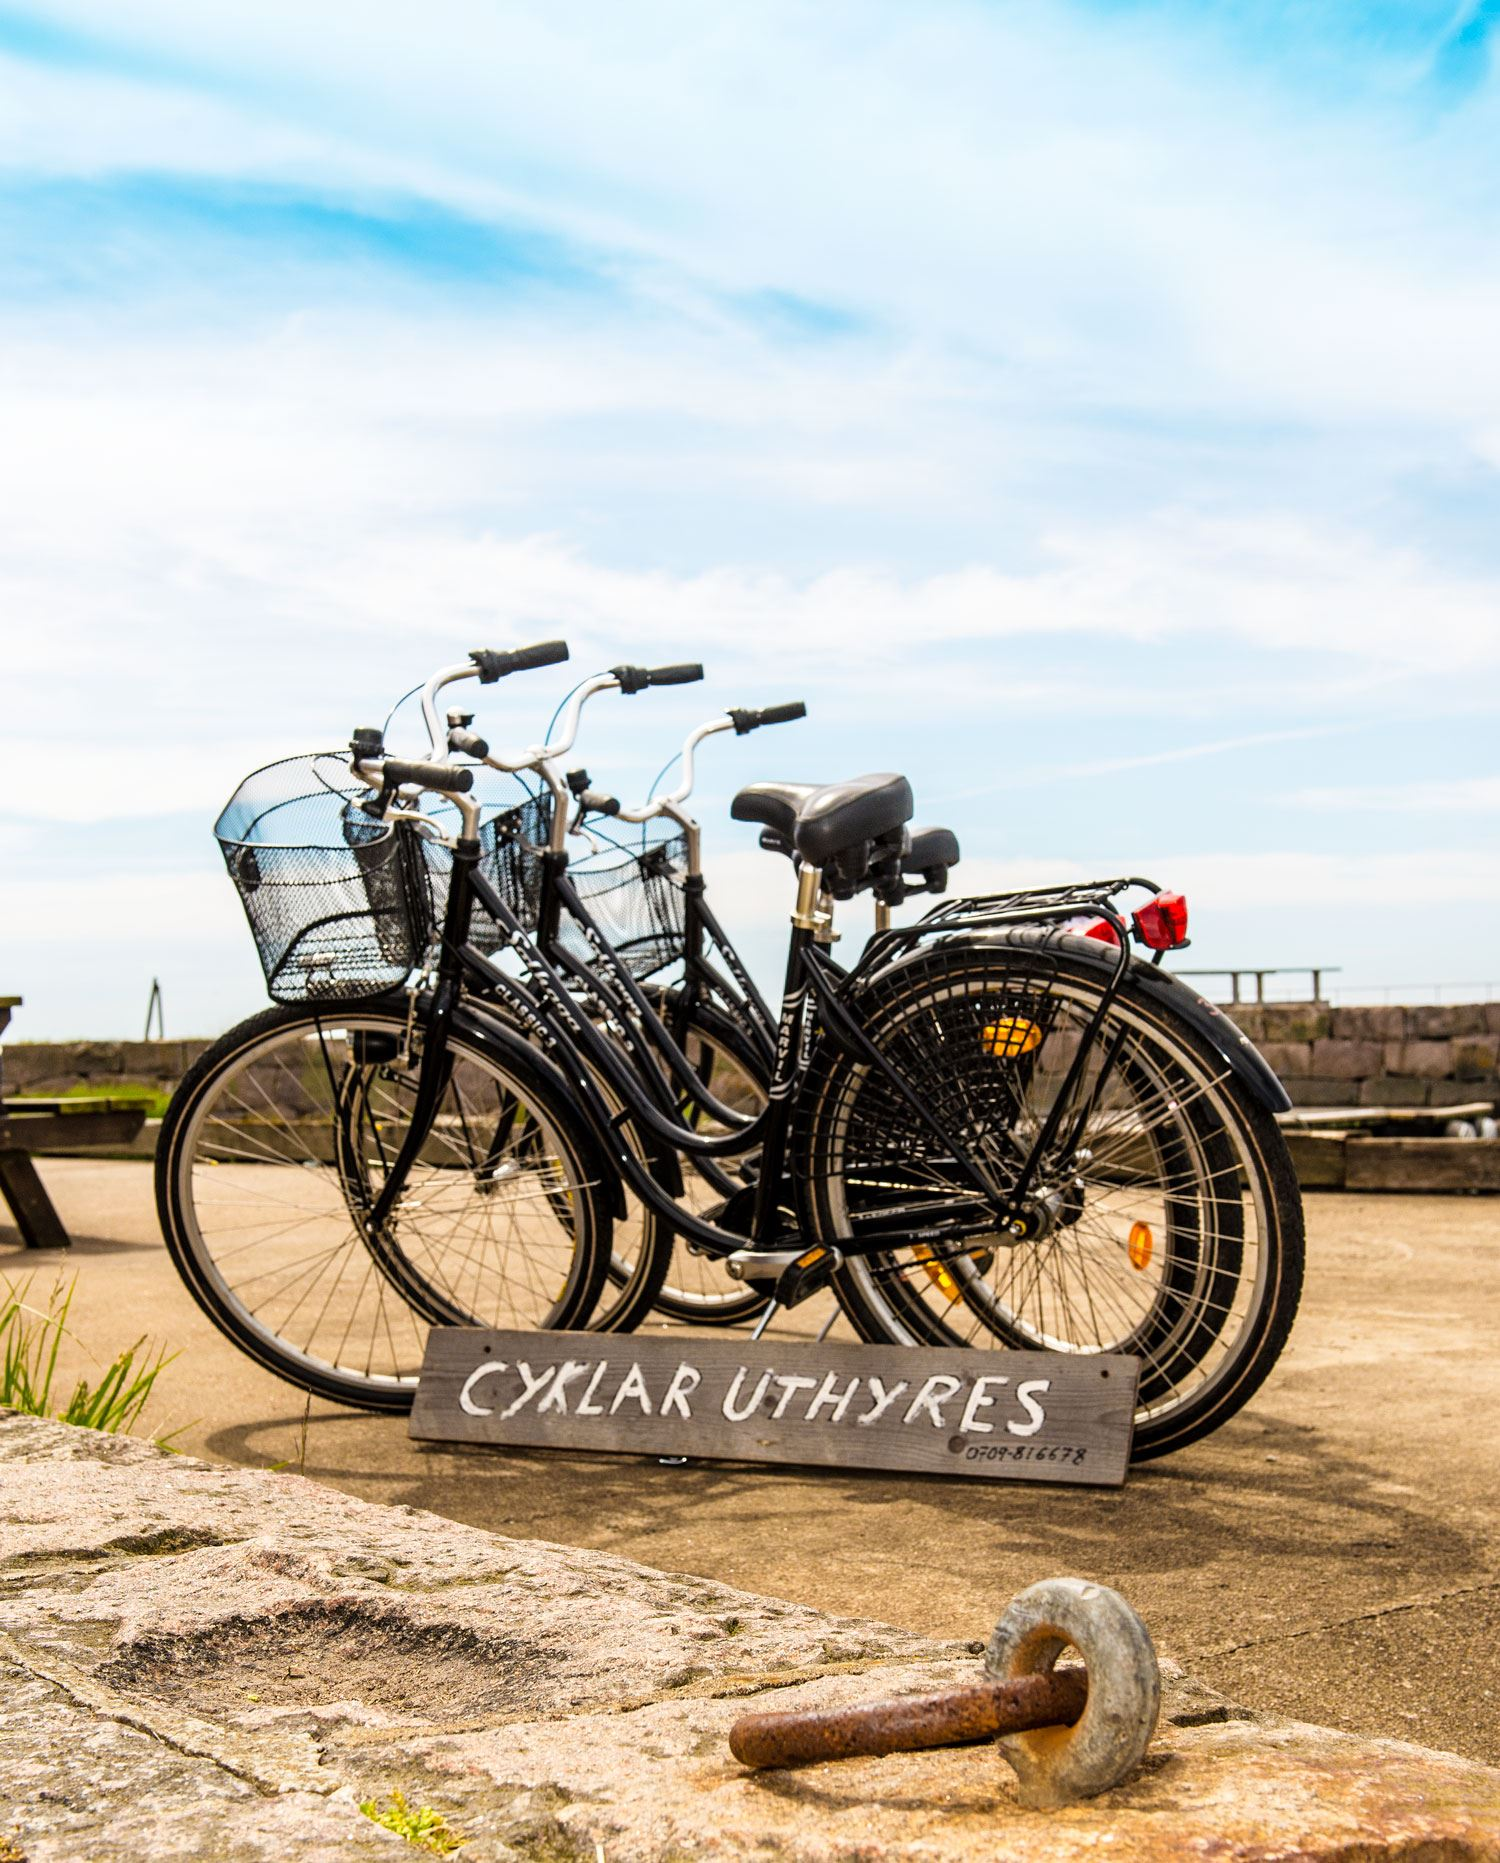 Cykeluthyrning - skärgård, landsbygd & city